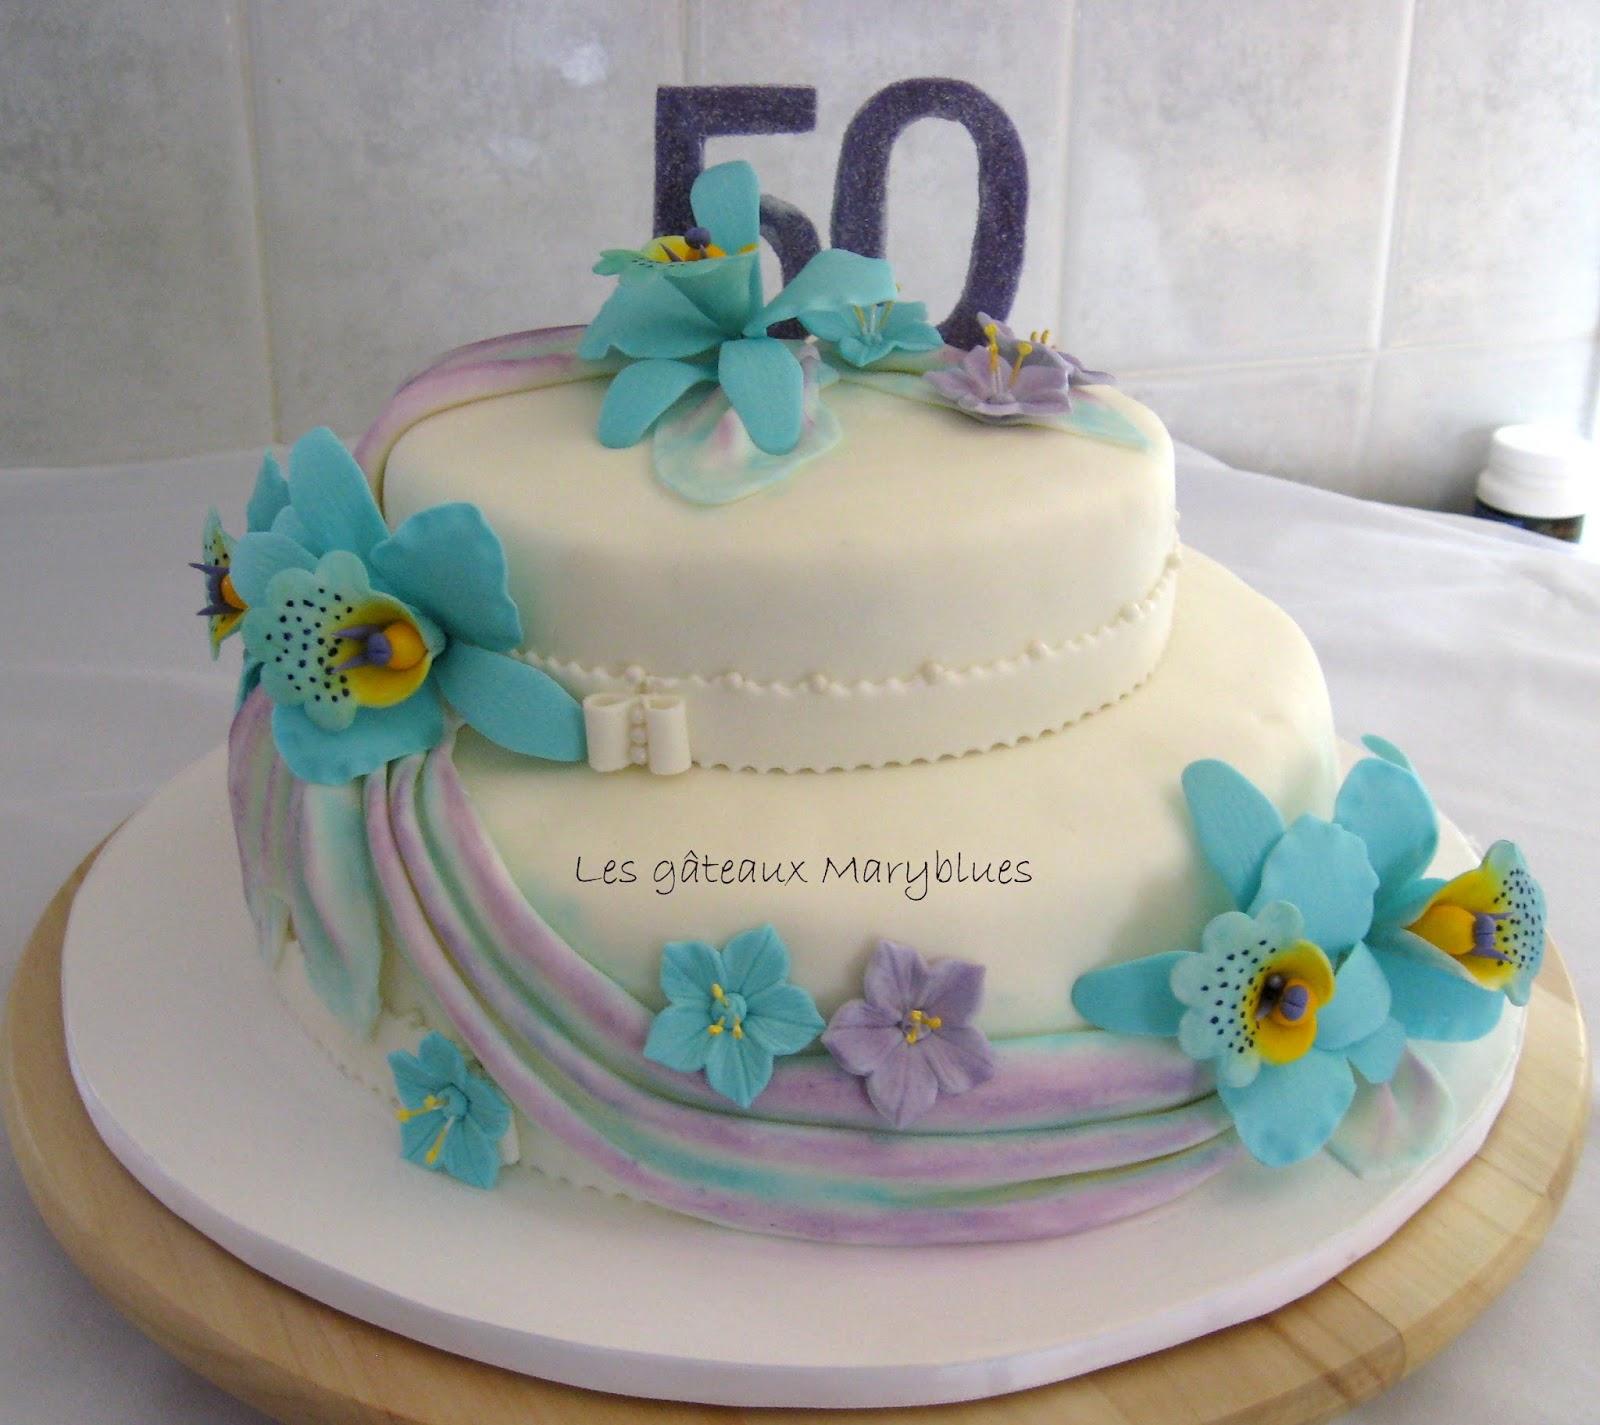 Les g teaux maryblues 50 ans de mariage for 50 robes de mariage anniversaire